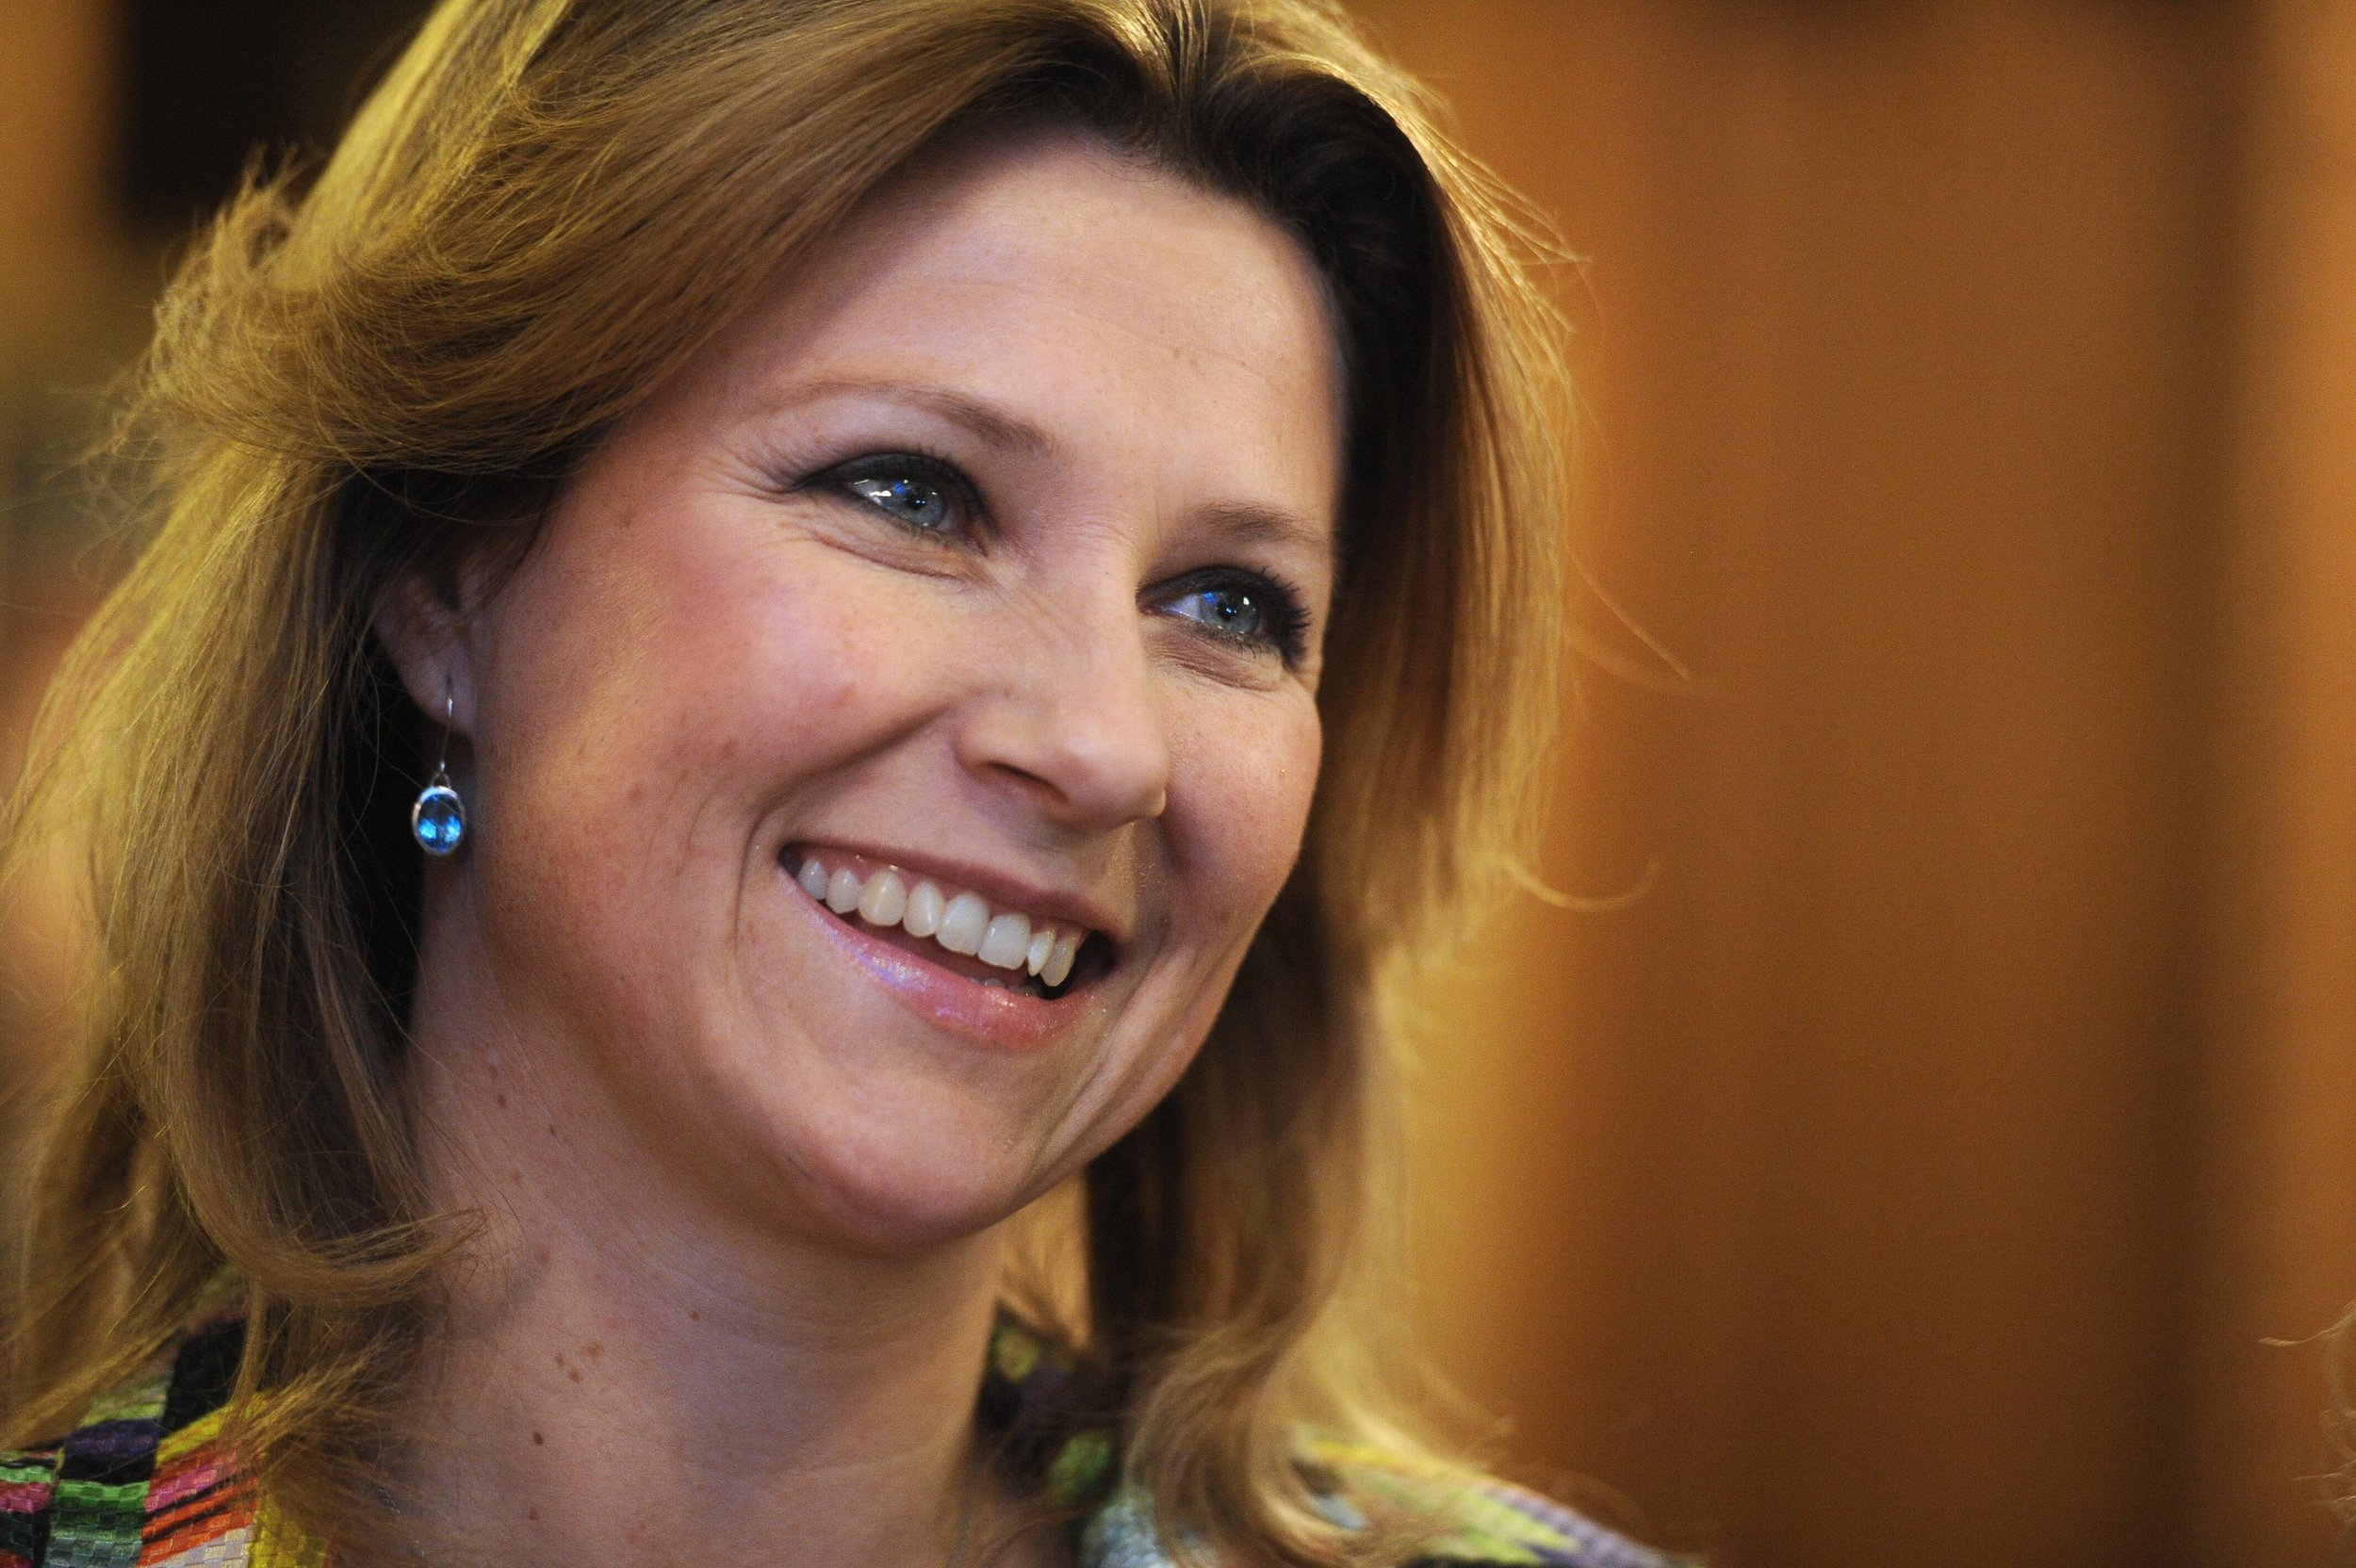 Prinzessin Märtha Louise ist nach ihrer Scheidung wieder über beide Ohren verliebt.  ©imago images / ITAR-TASS